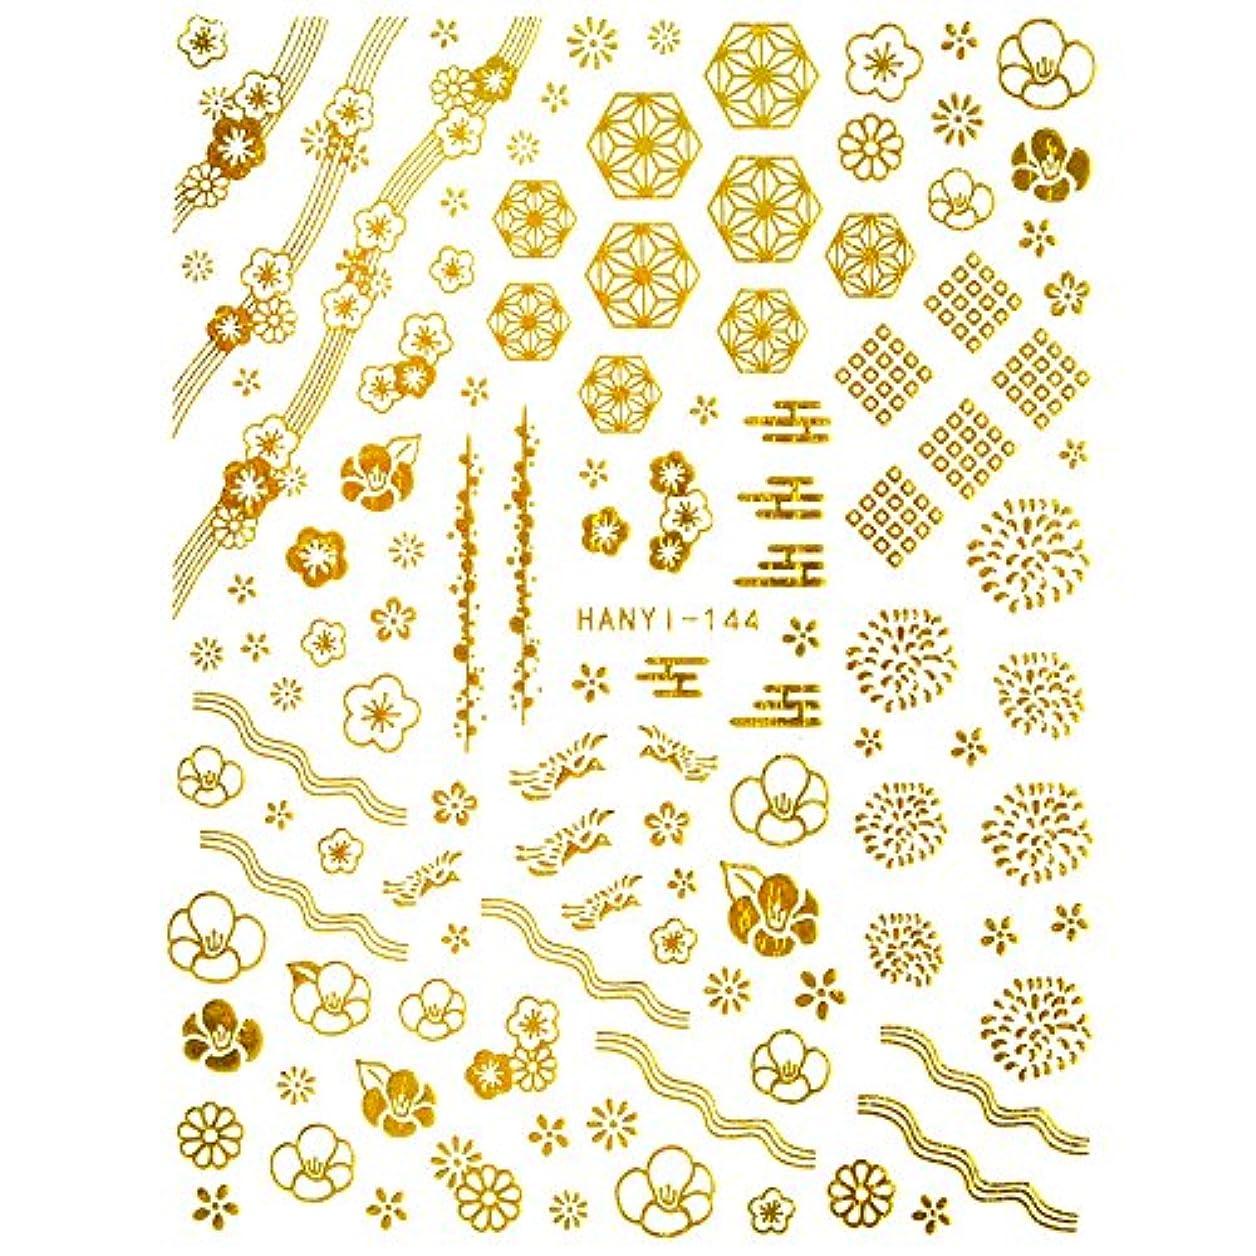 ドメイン裁判官聴衆【HANYI-144】金和花 ネイルシール 箔和柄 和柄 フラワー 花 金箔 お正月 成人式 和風